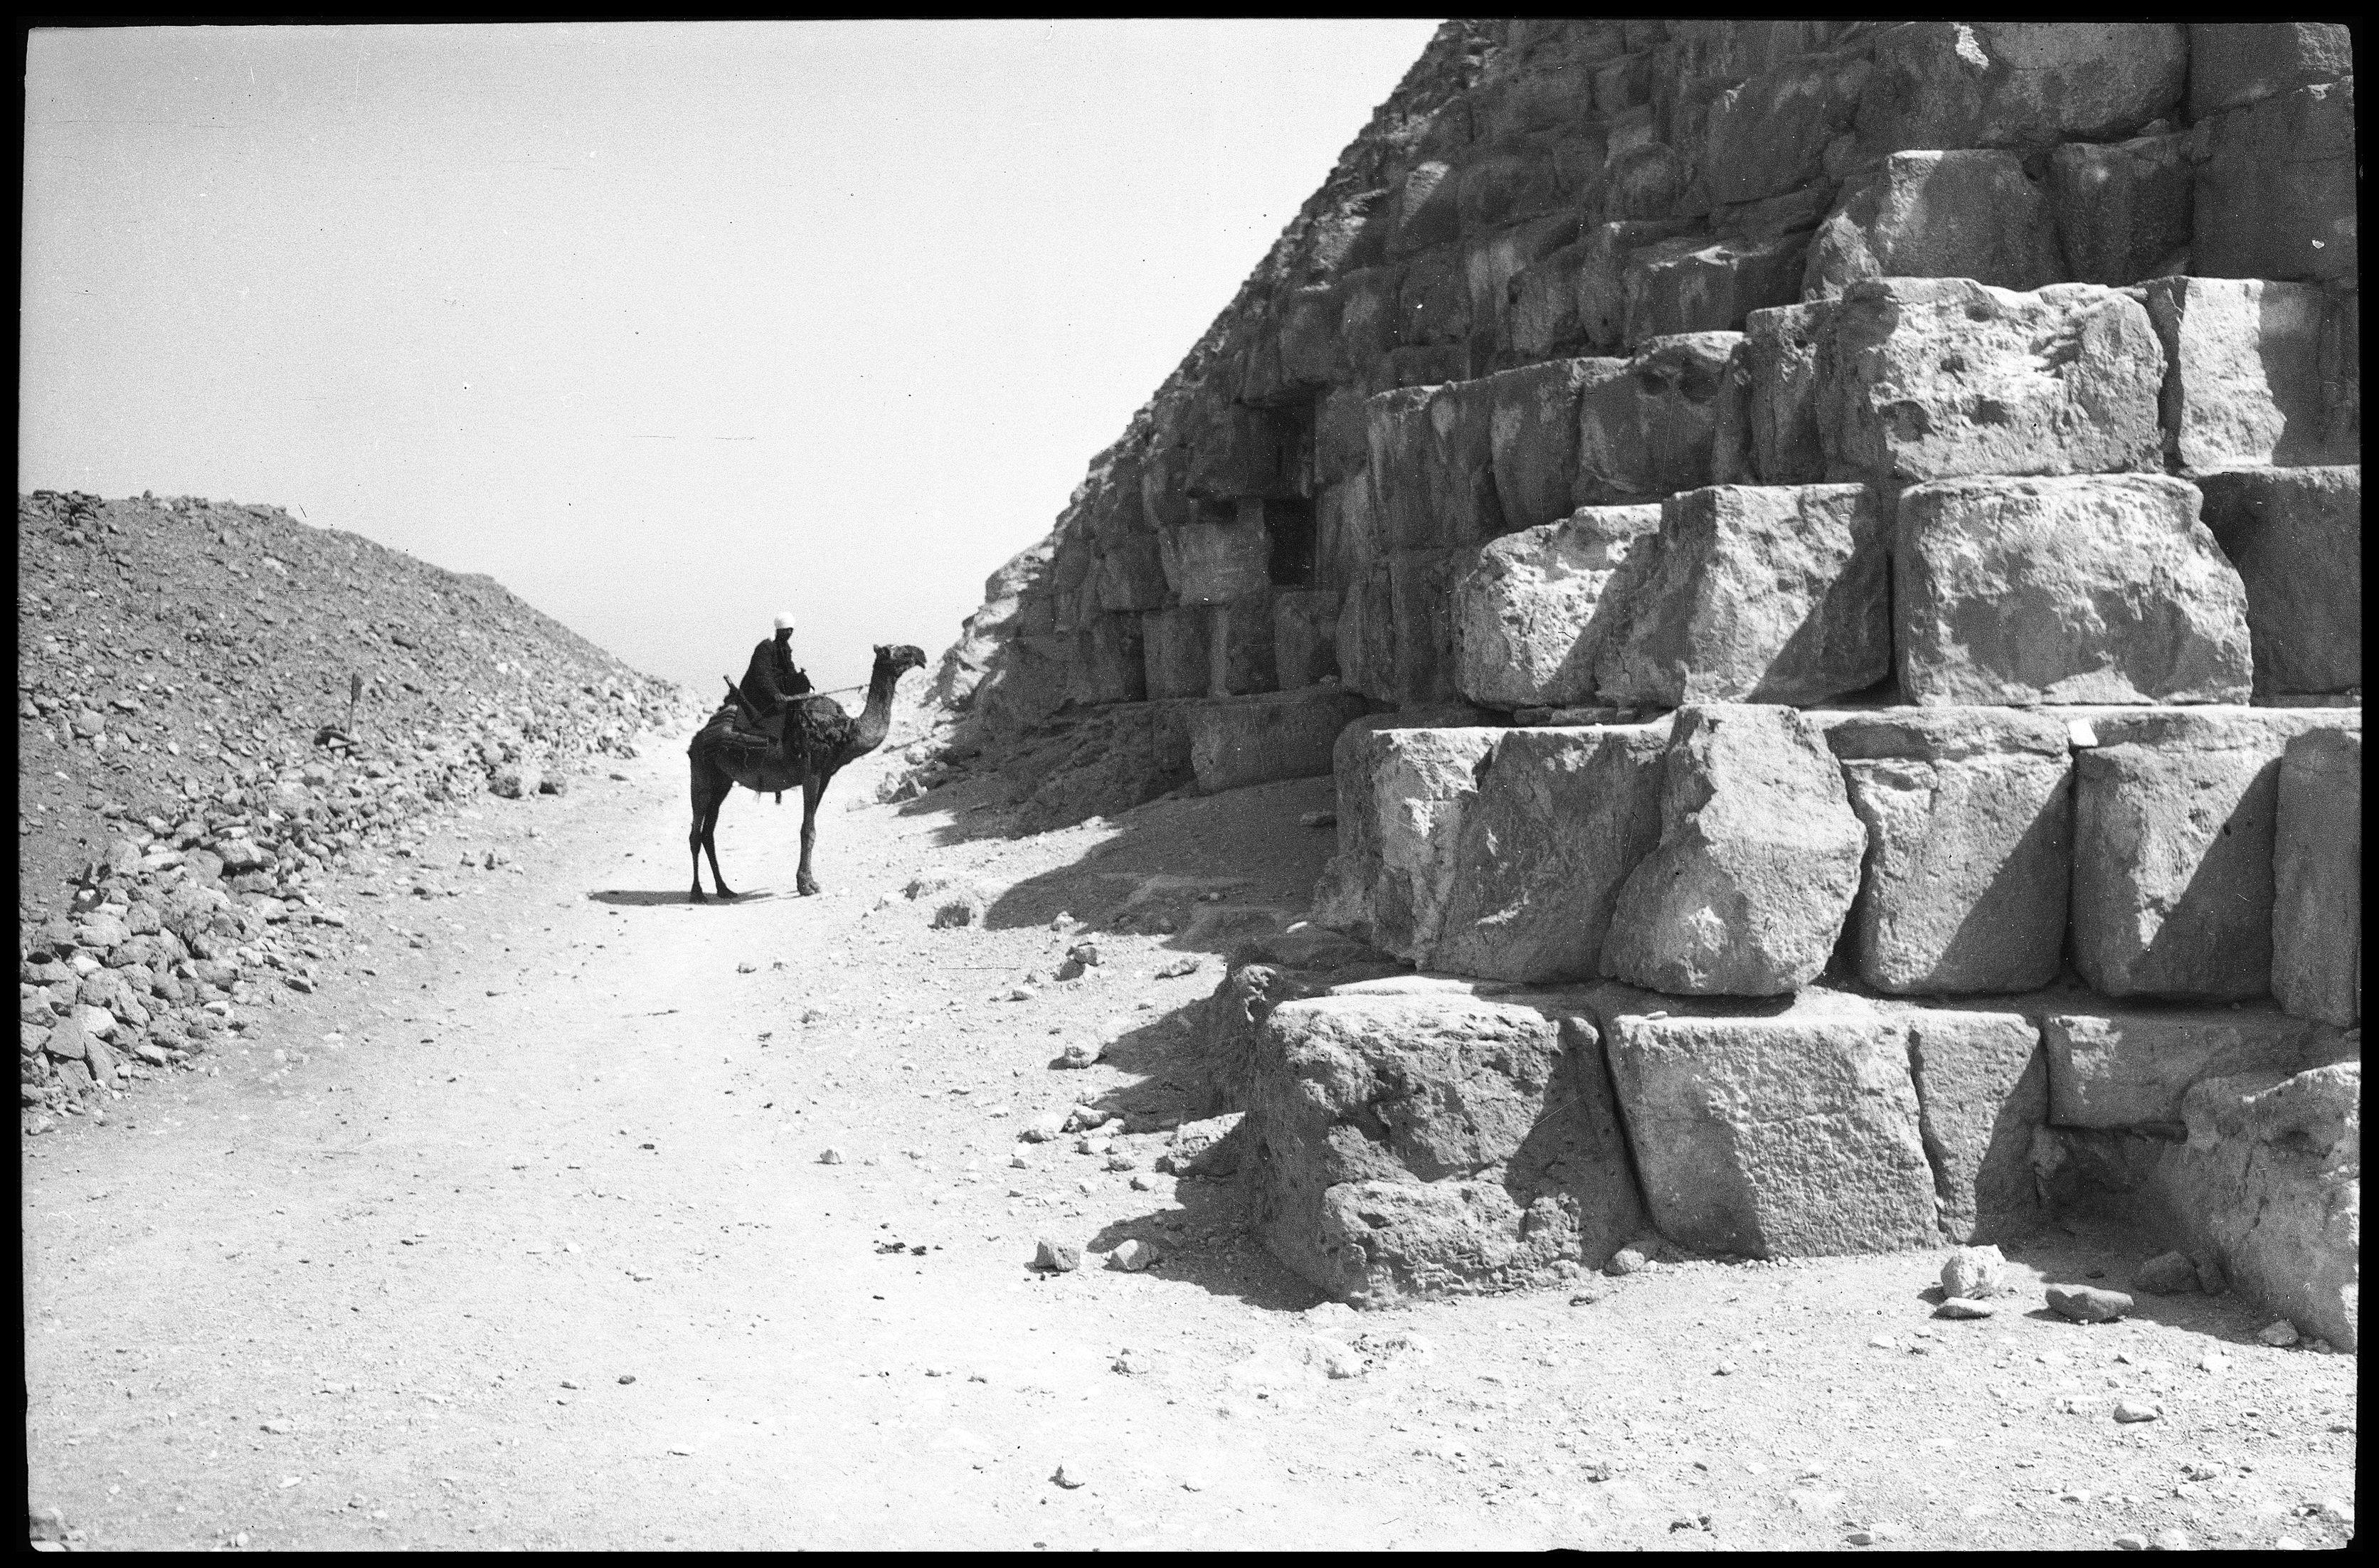 Гиза. Нижняя часть пирамиды и верблюд